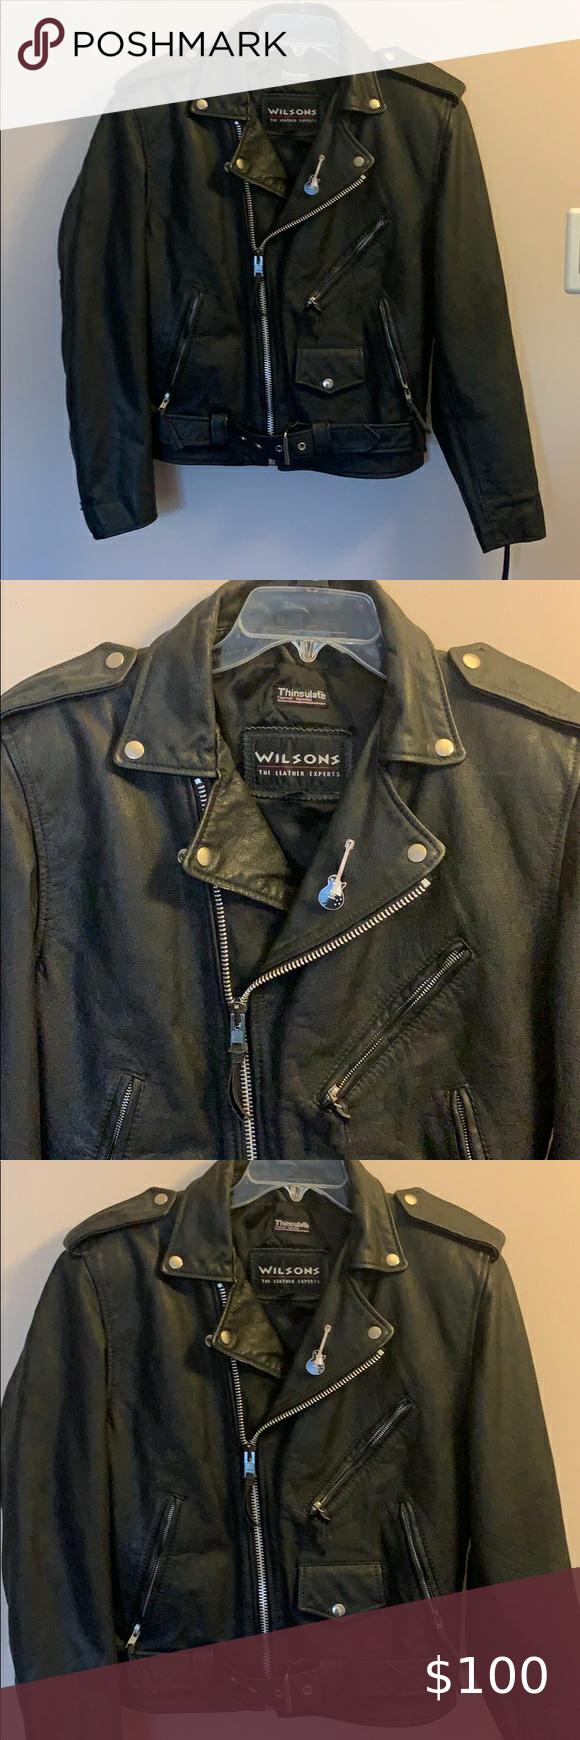 Vintage Wilsons Leather Jacket Leather Jacket Wilsons Leather Jacket Wilsons Leather [ 1740 x 580 Pixel ]